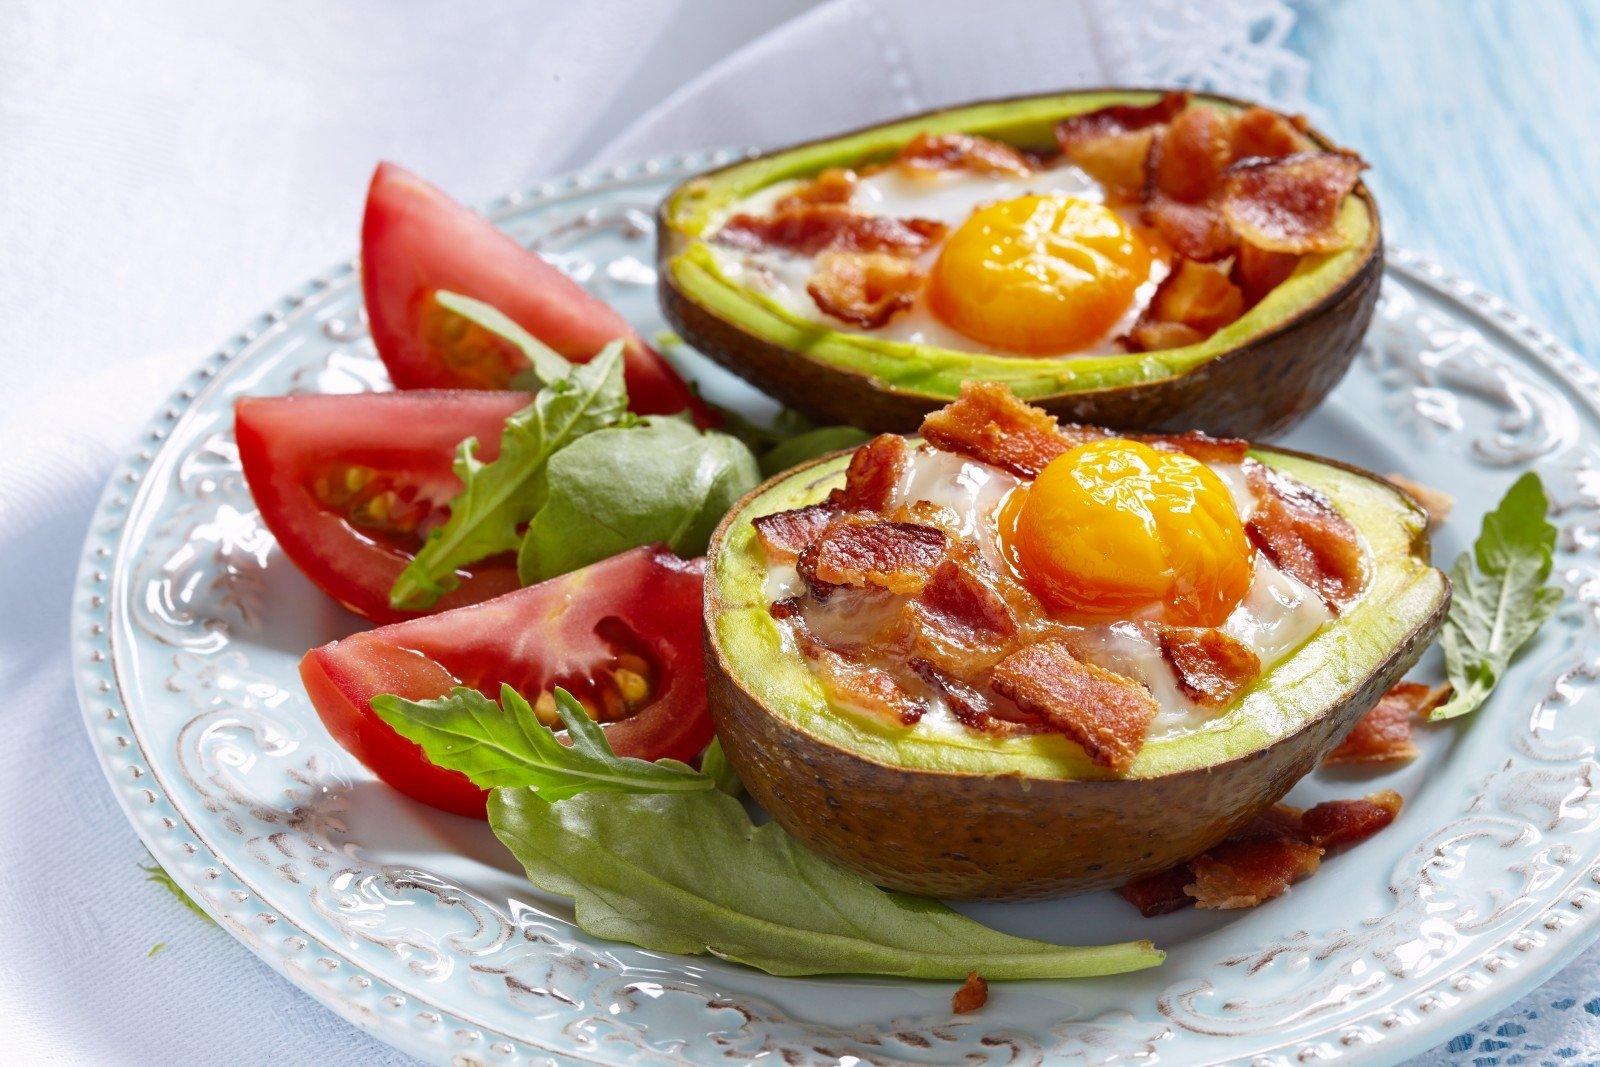 maistiniai riebalai cholesterolis ir širdies sveikata kas yra hipertenzija ir kaip gydyti jos simptomus